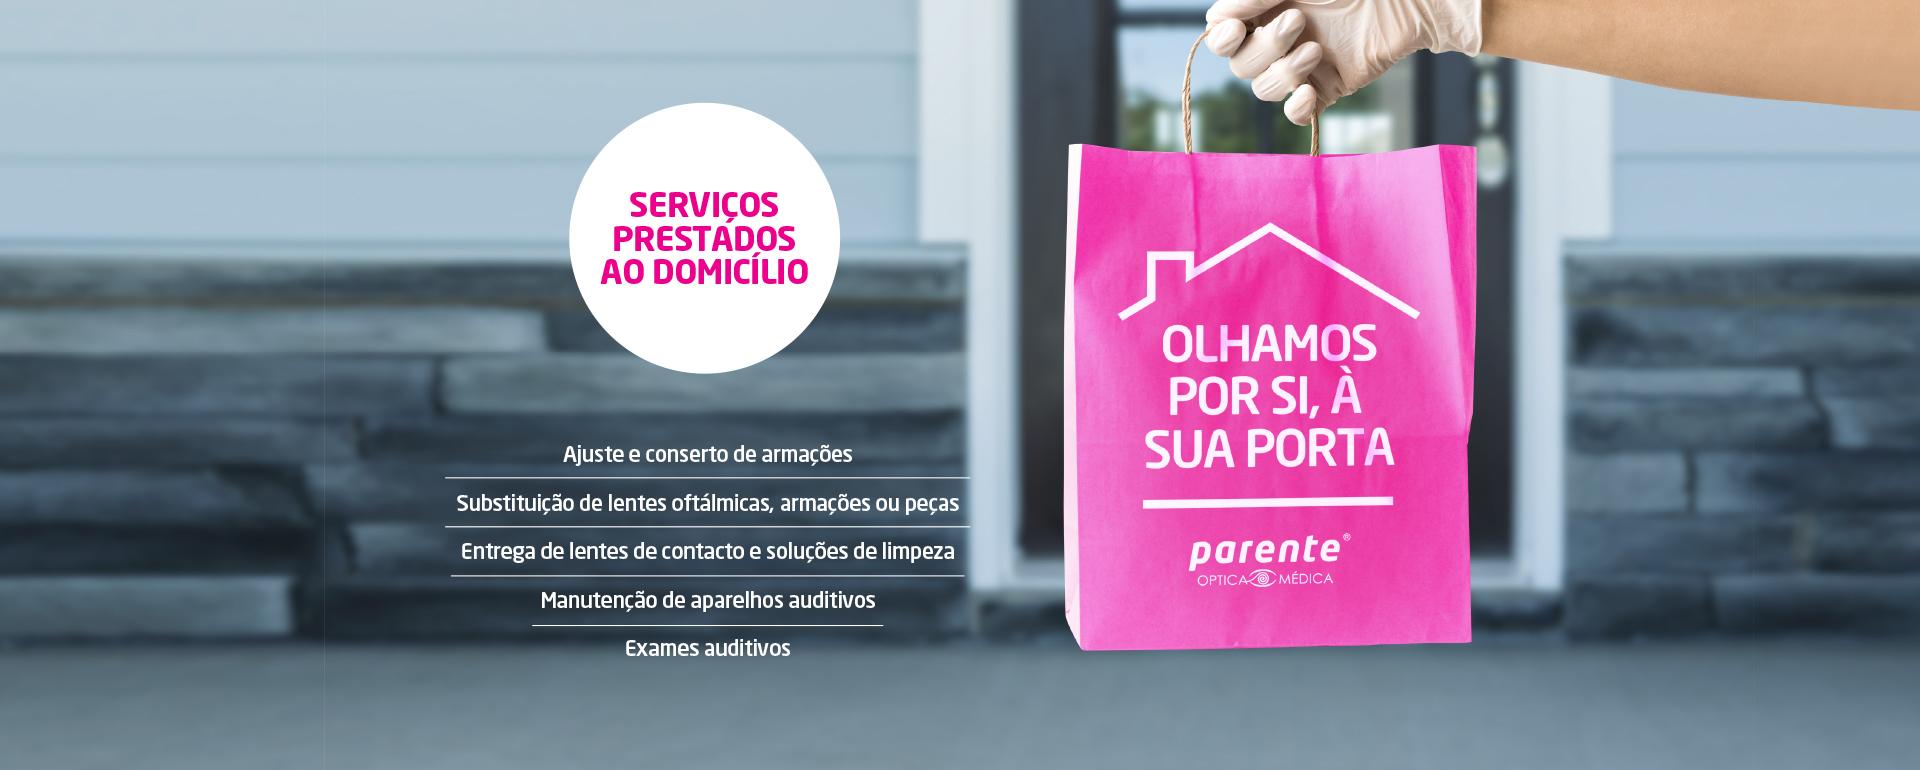 pom_domicilio_site_1920x770